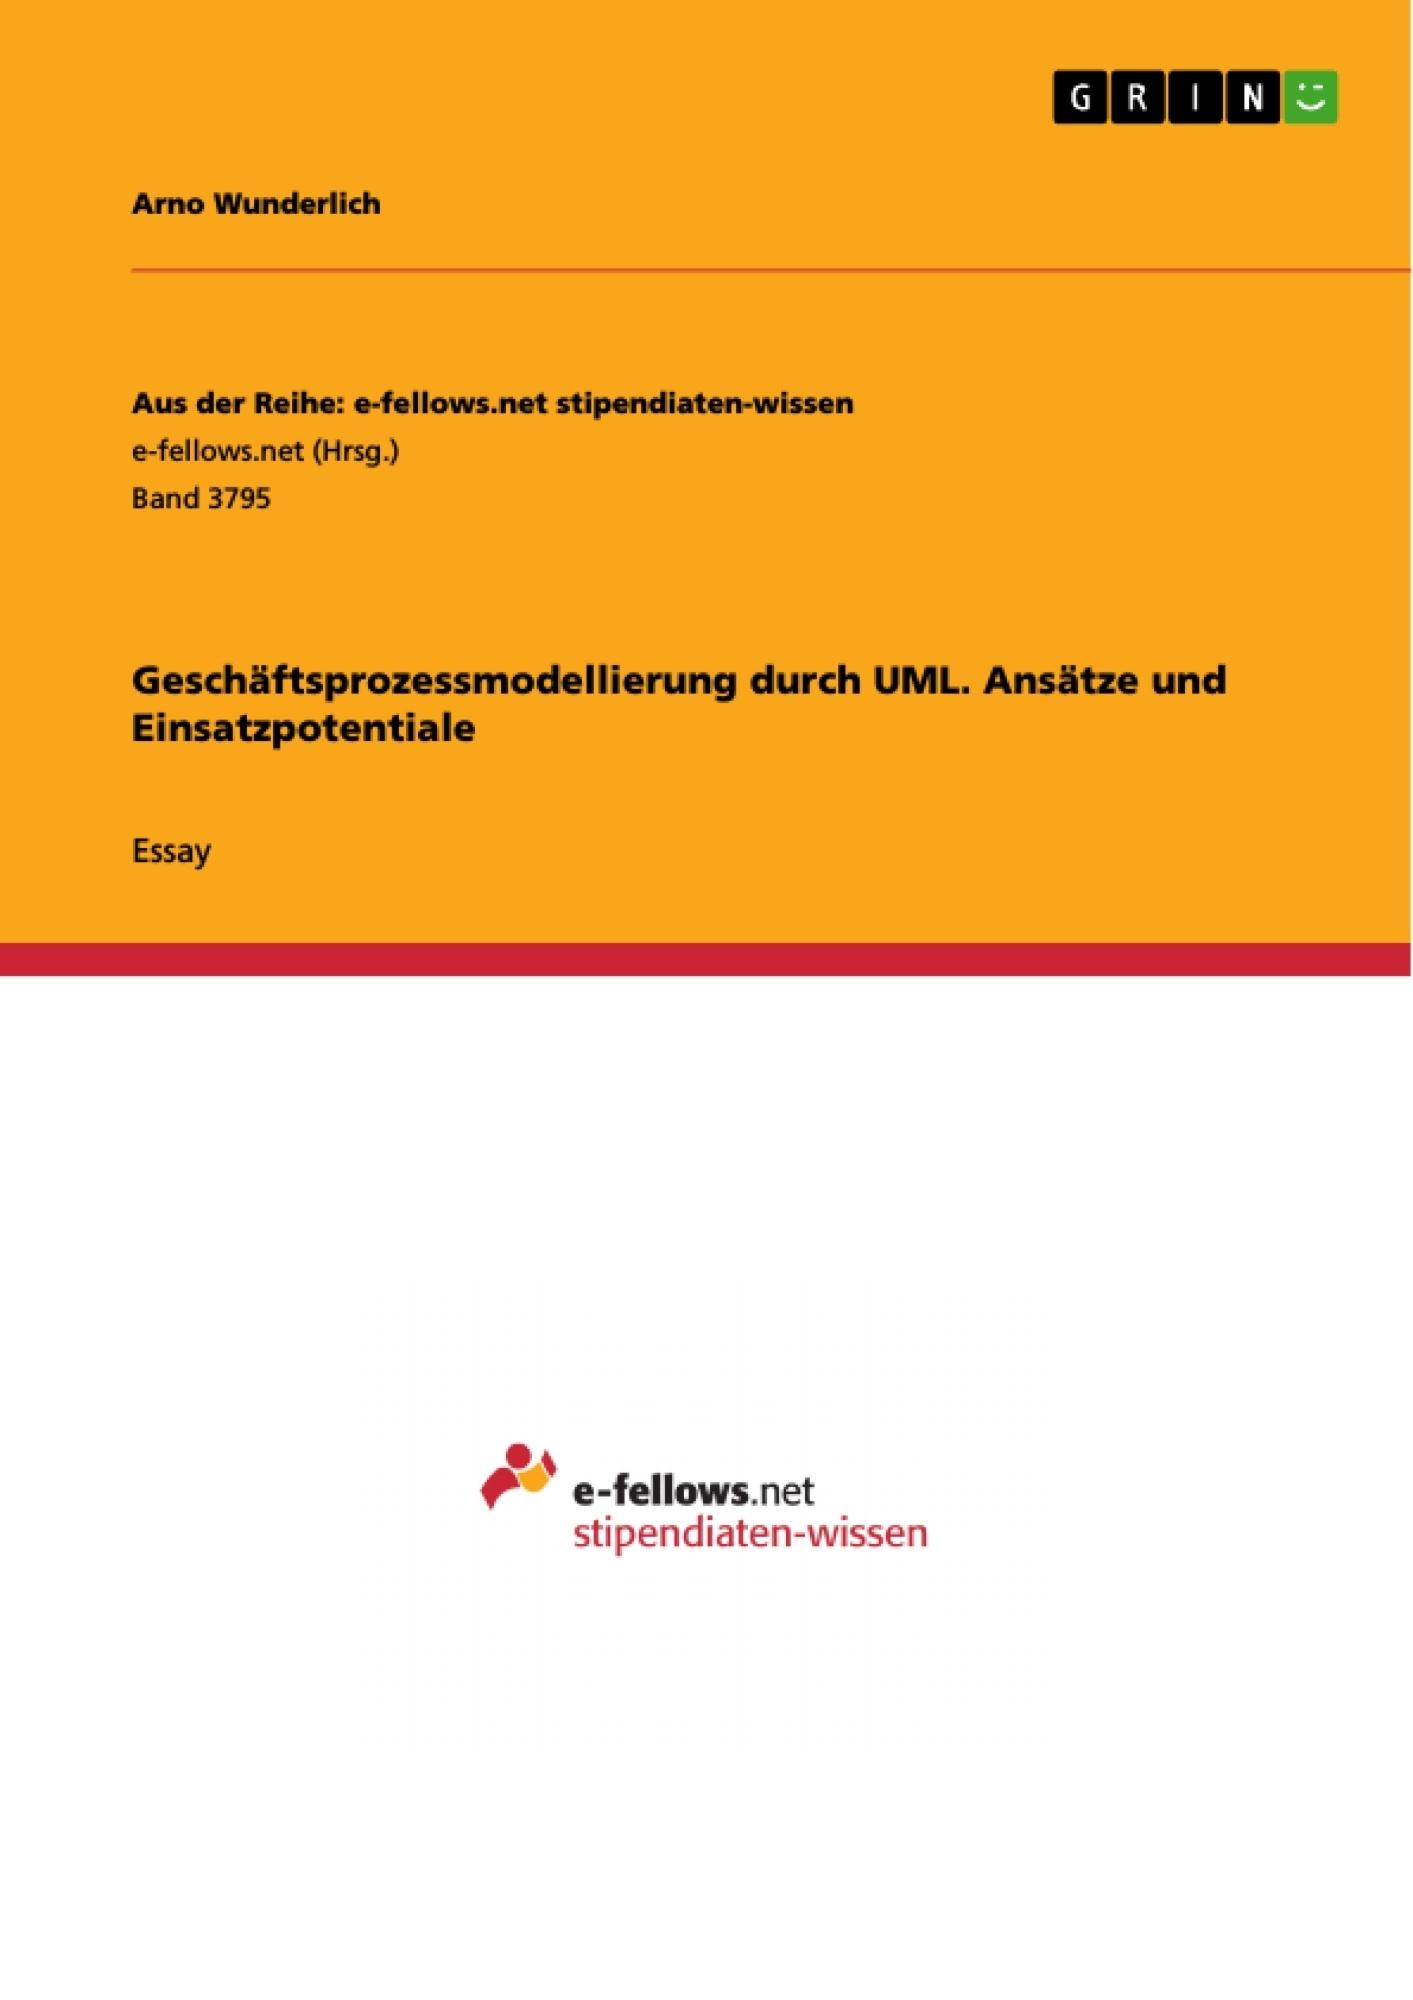 Titel: Geschäftsprozessmodellierung durch UML. Ansätze und Einsatzpotentiale